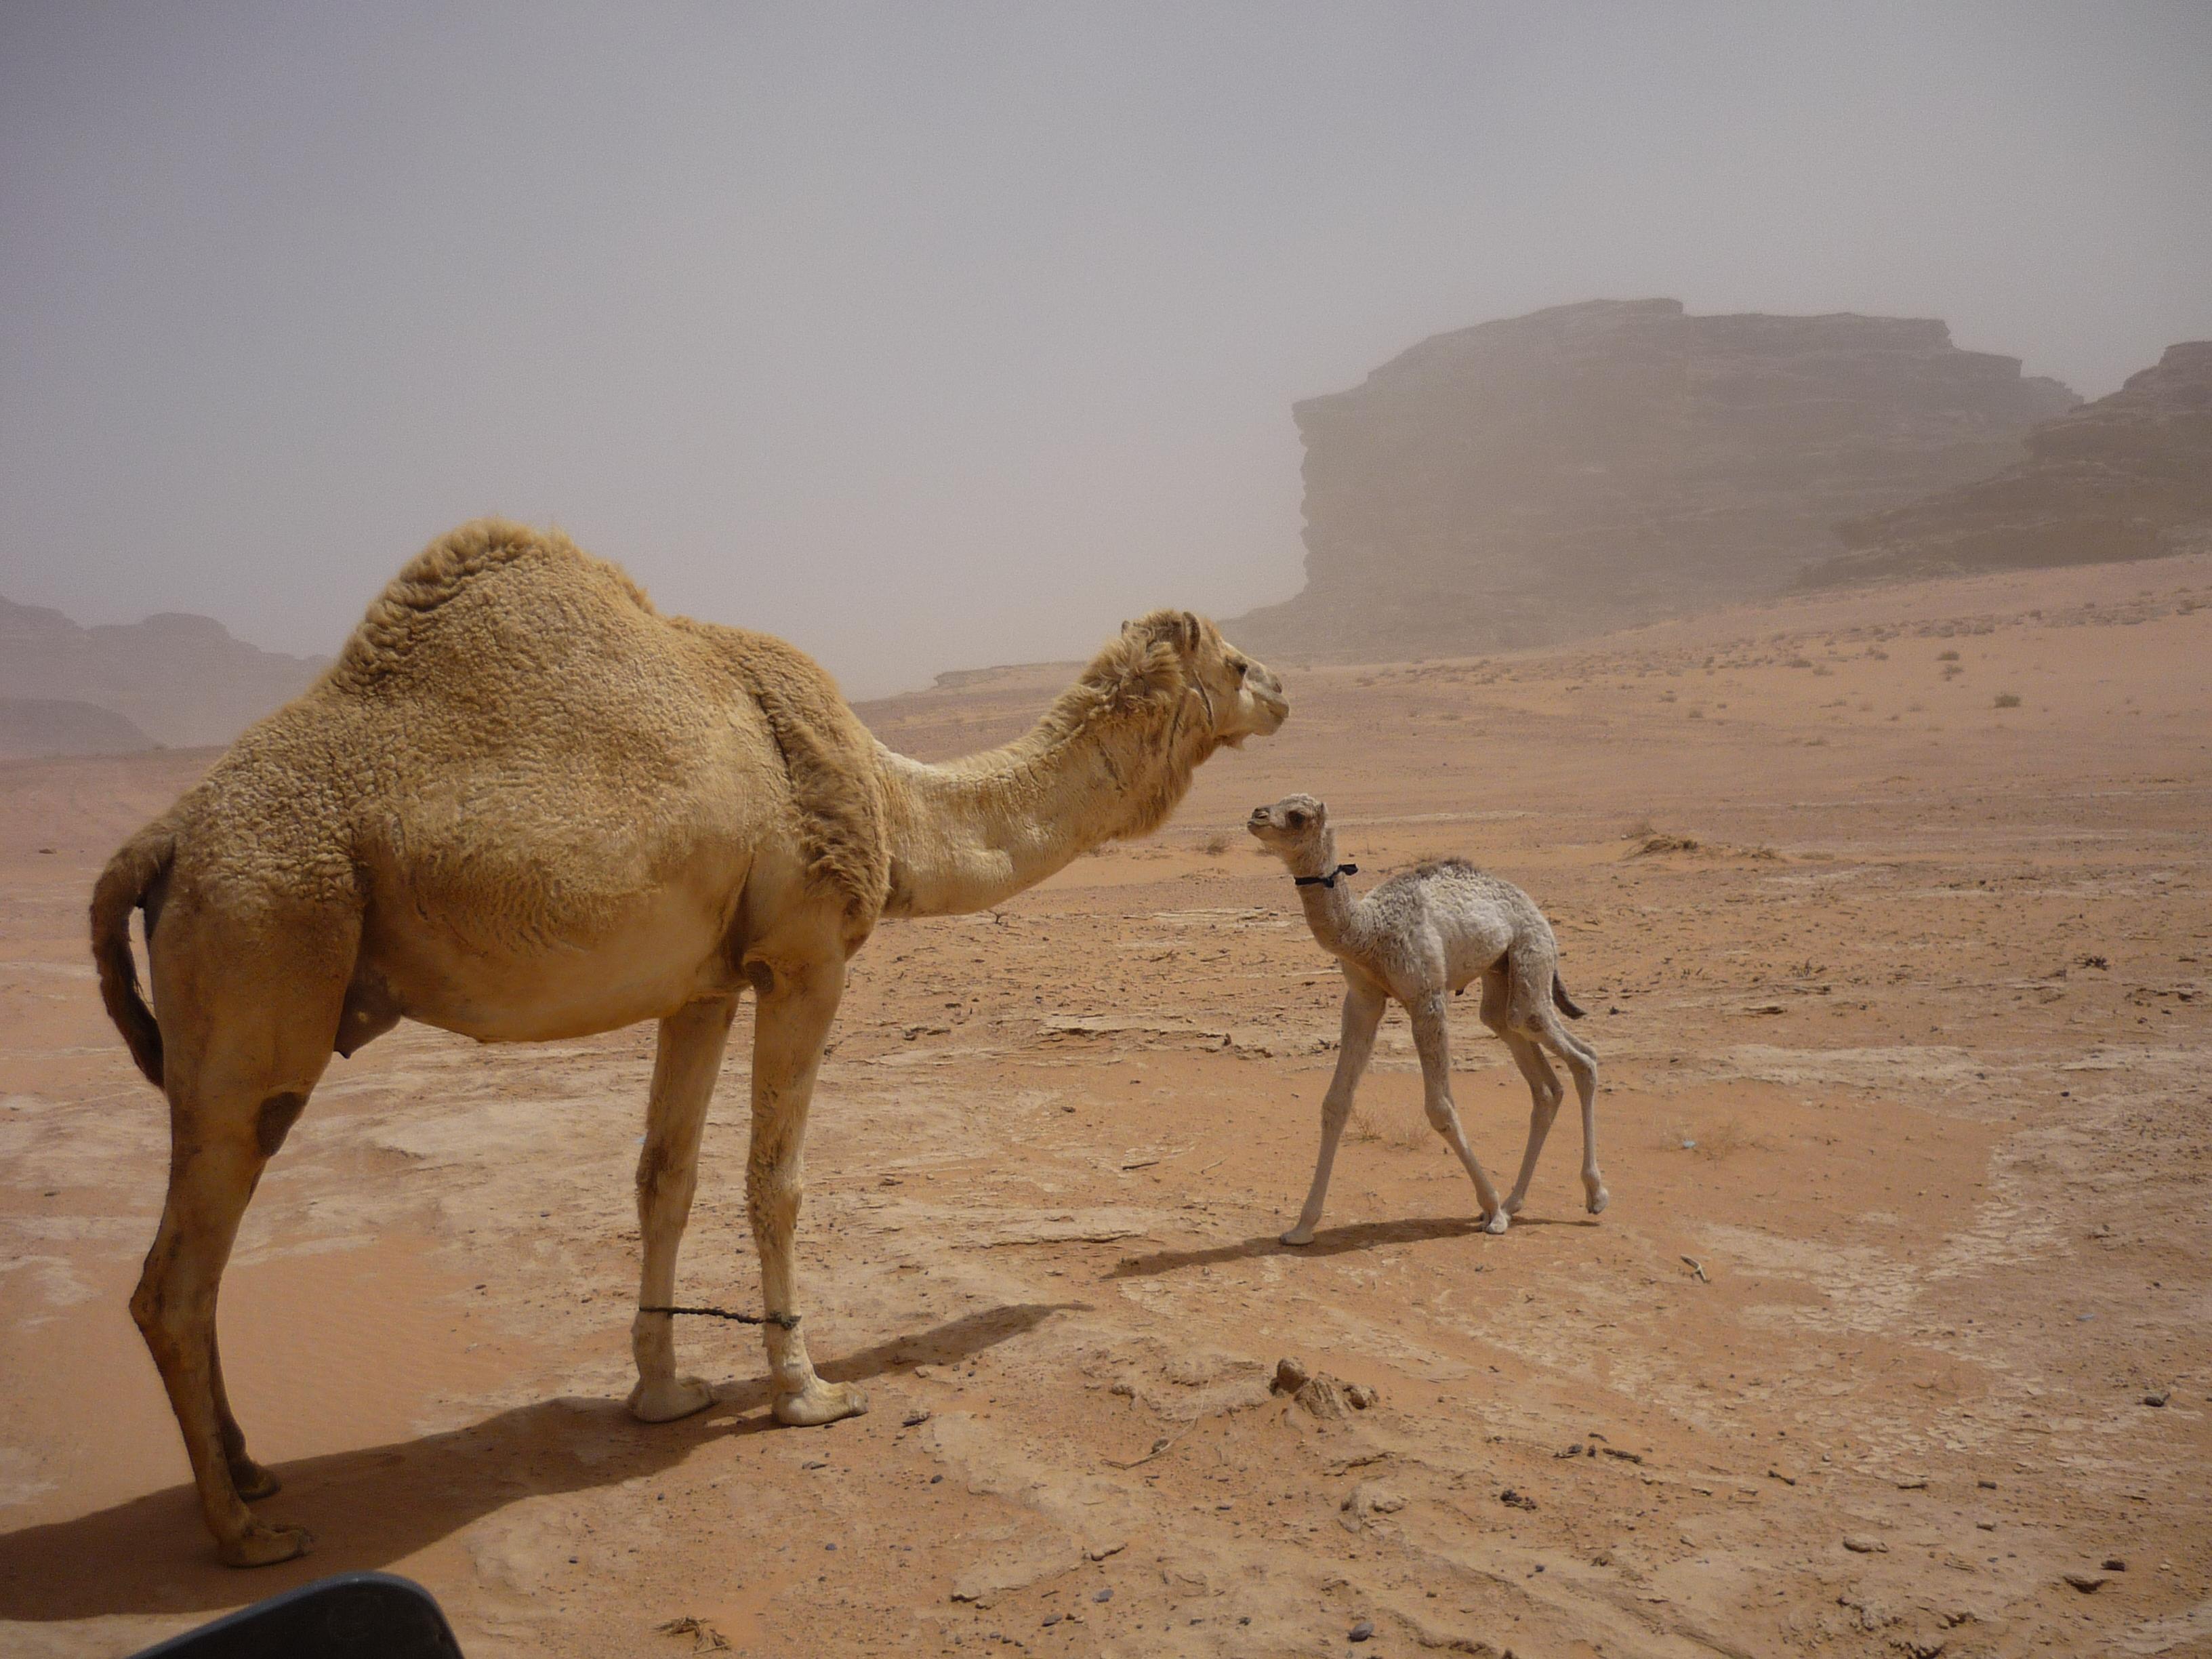 Luca Errera, Daniela Trastulli, Giordania, deserto, Wadi Rum, cammello